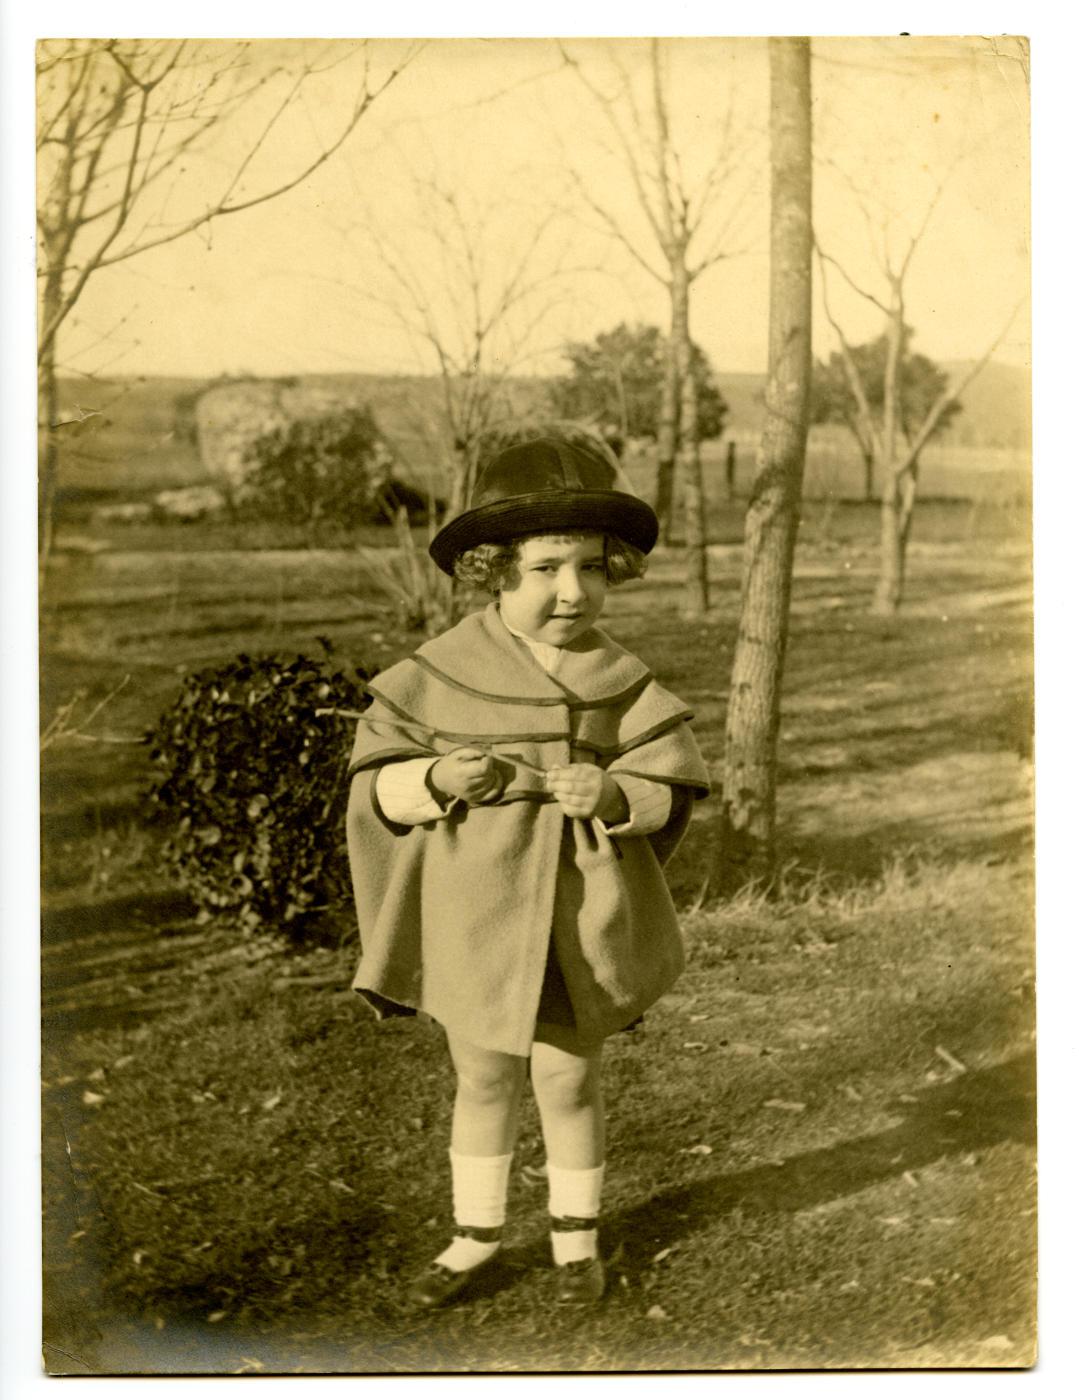 v.-Hija del pintor en torno al Circo Romano de Toledo 1921